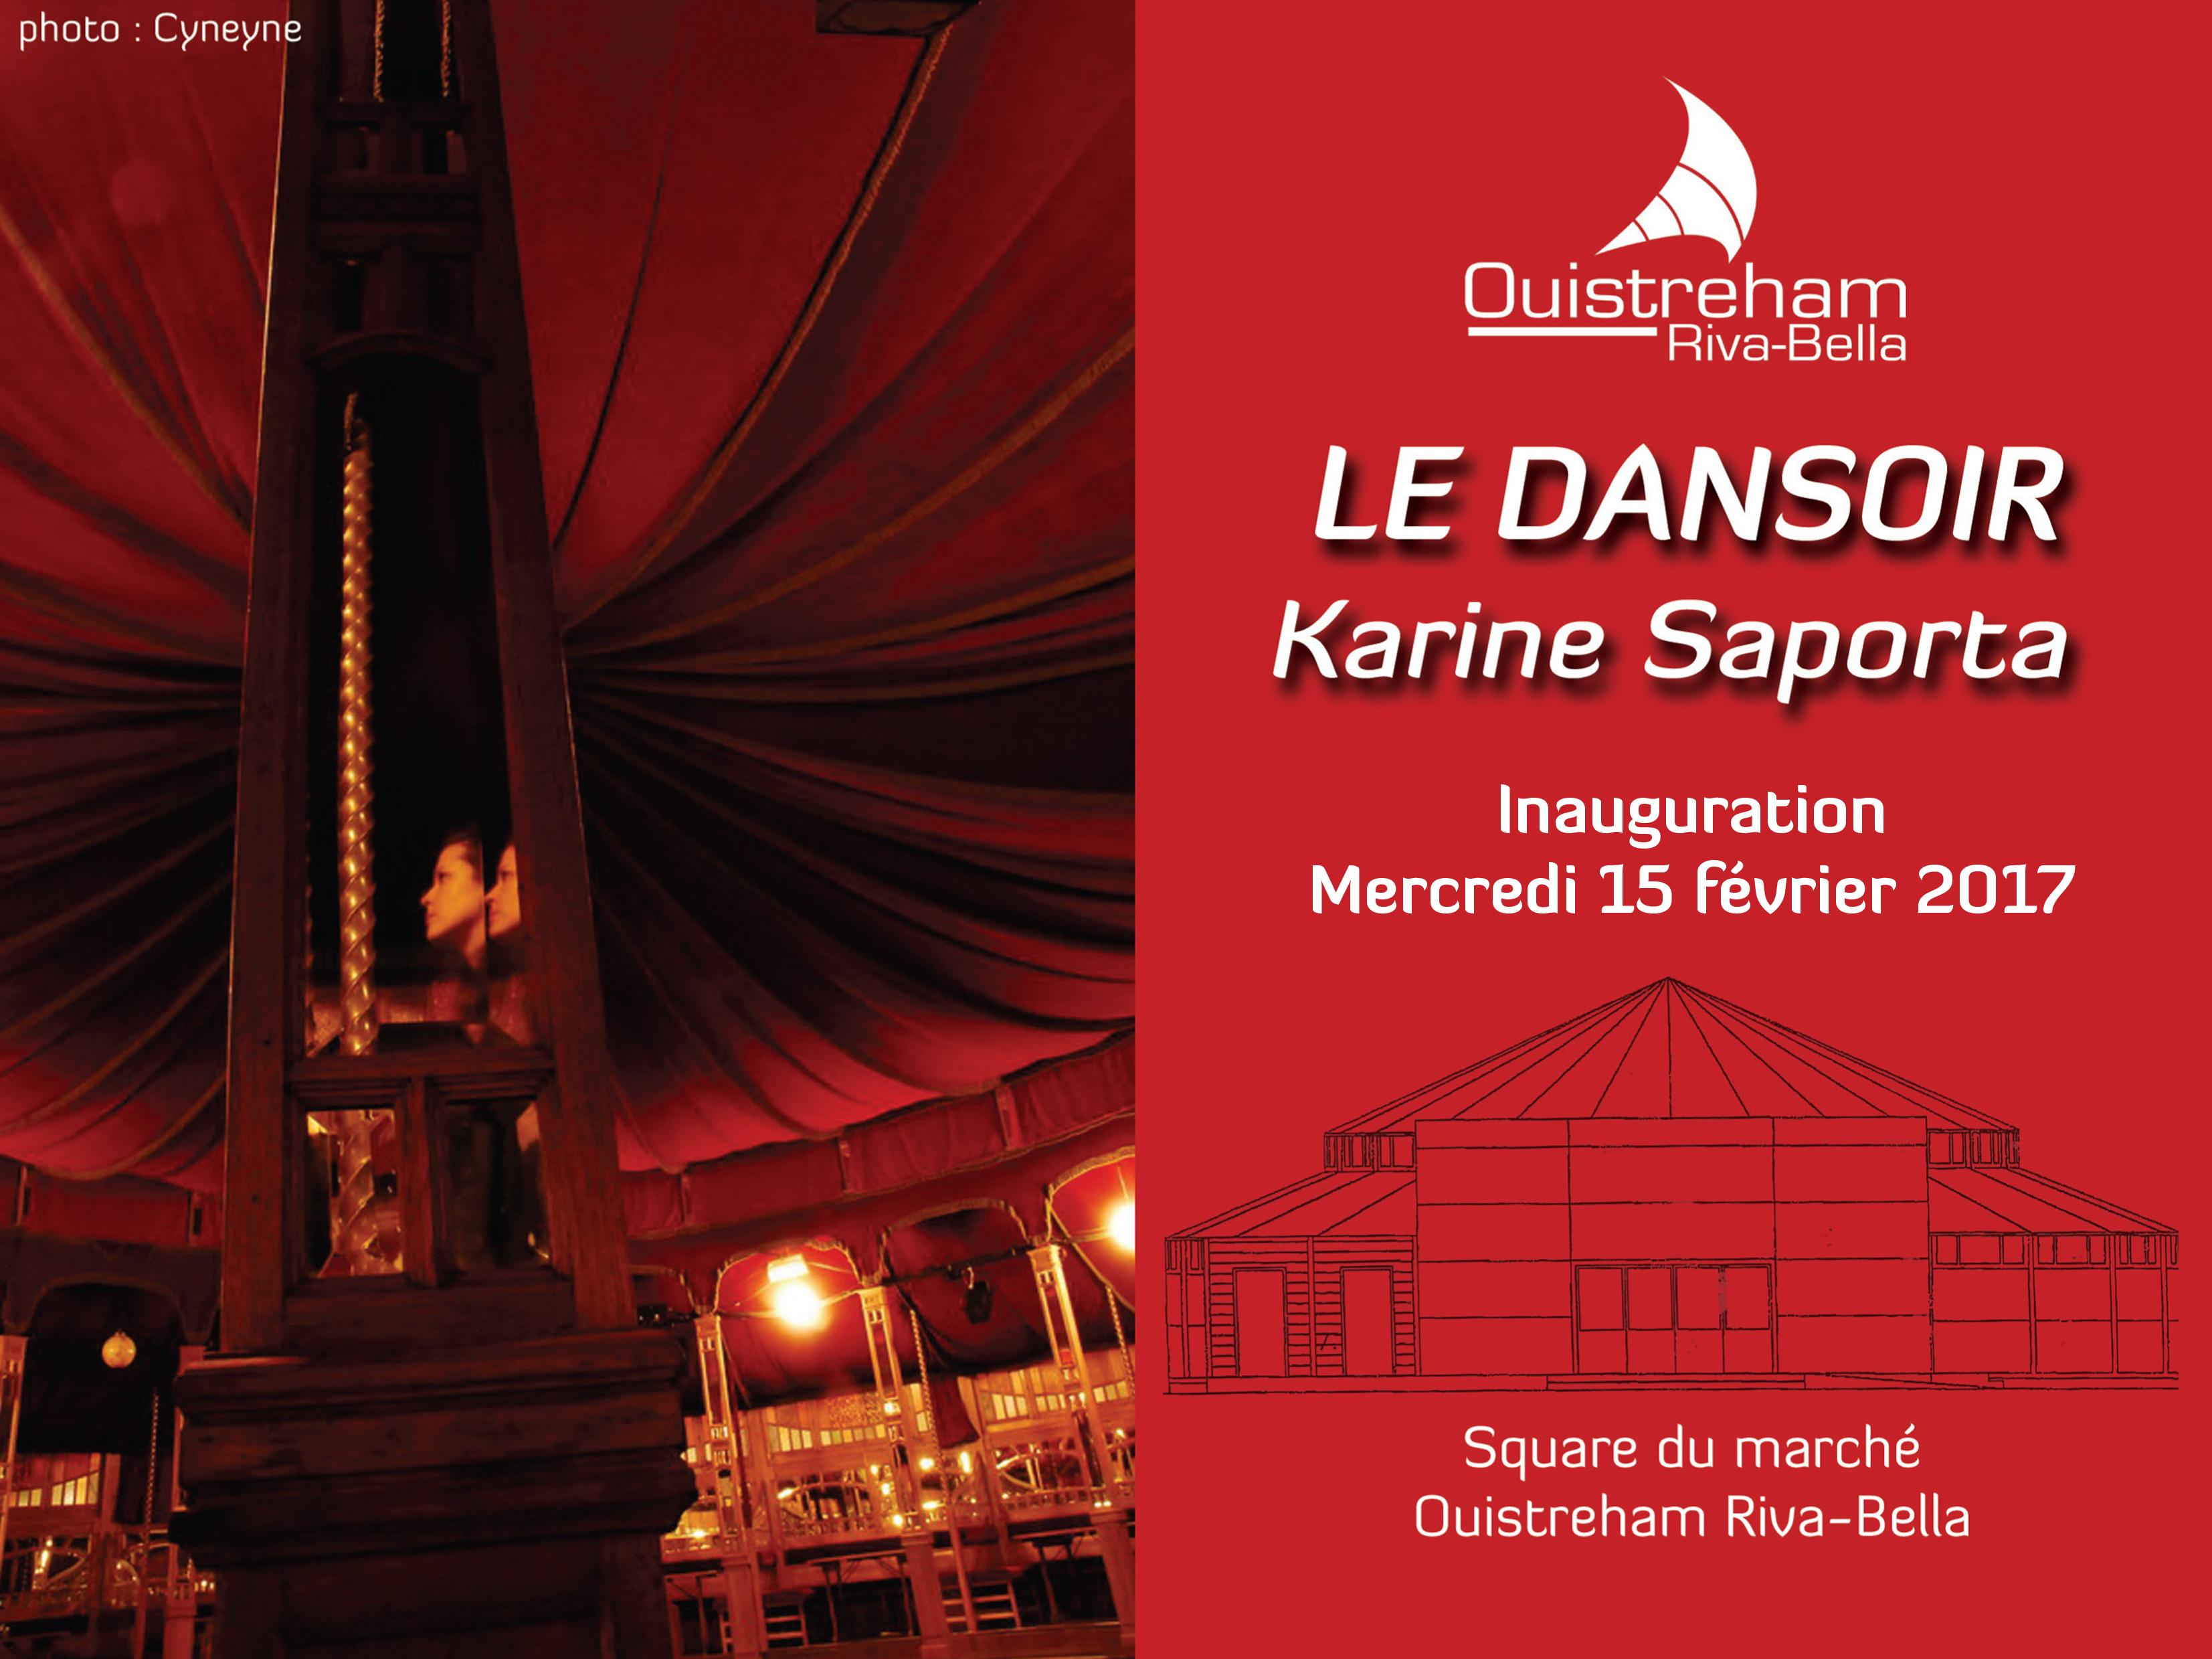 Inauguration Dansoir Karine Saporta